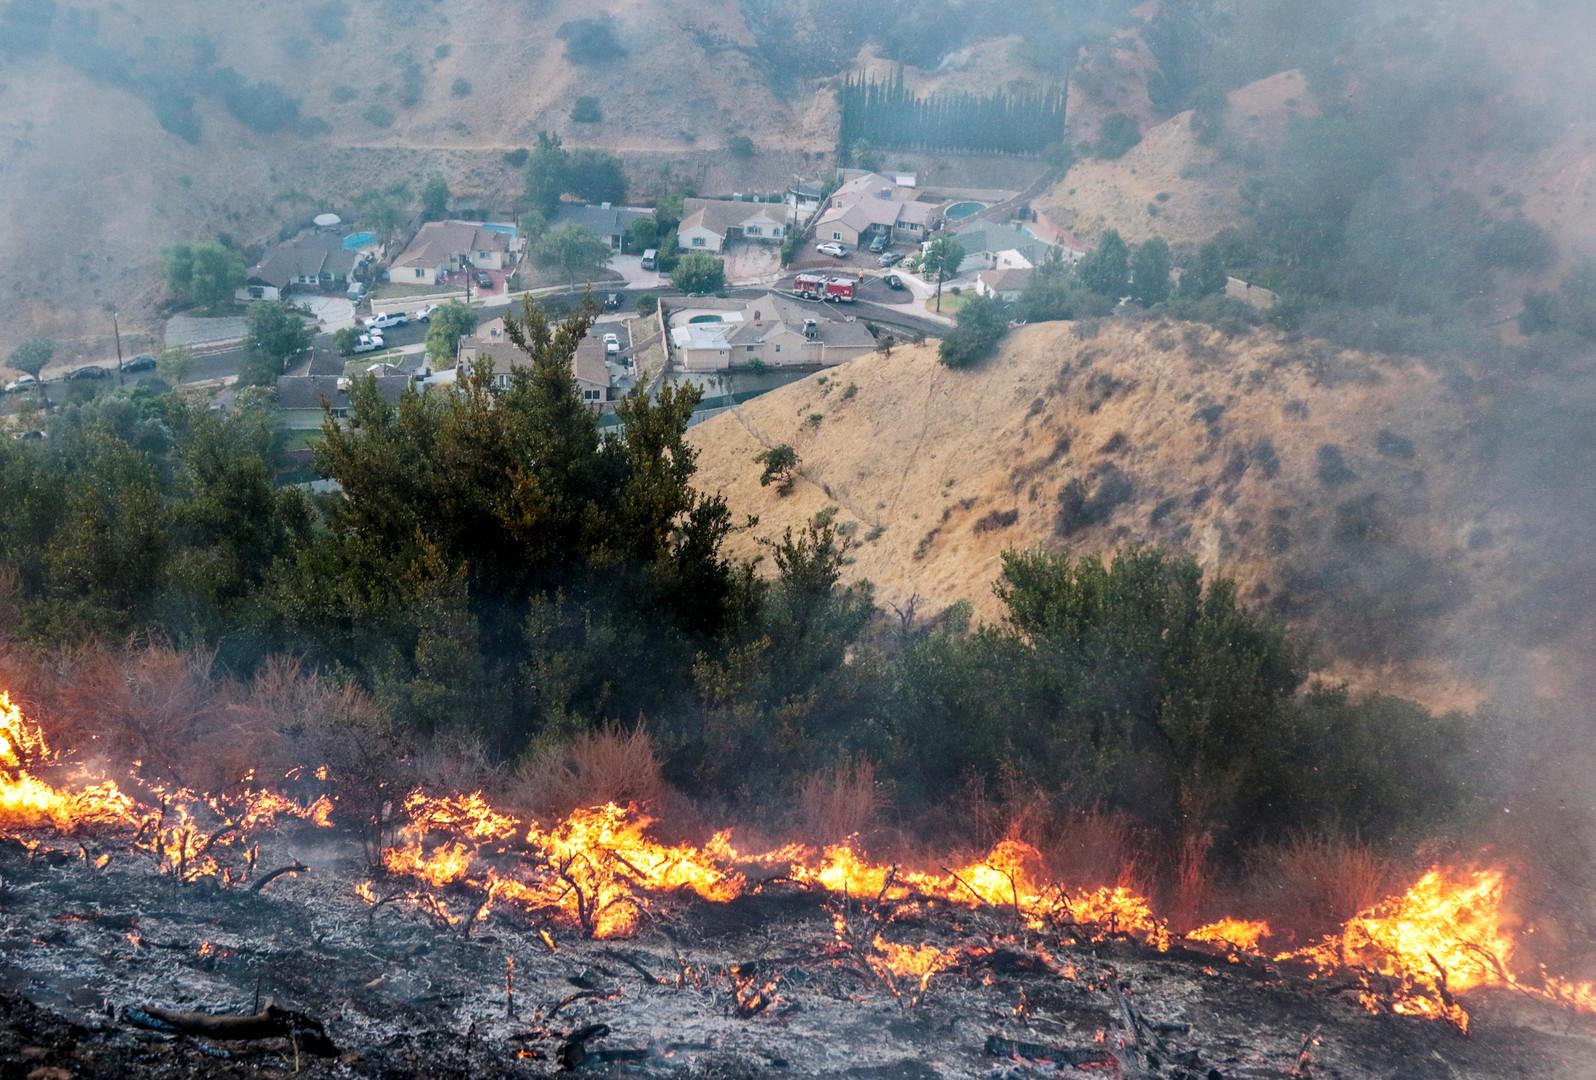 Schwere Waldbrände im Westen der USA wegen Hitze und Trockenheit [FOTOS]